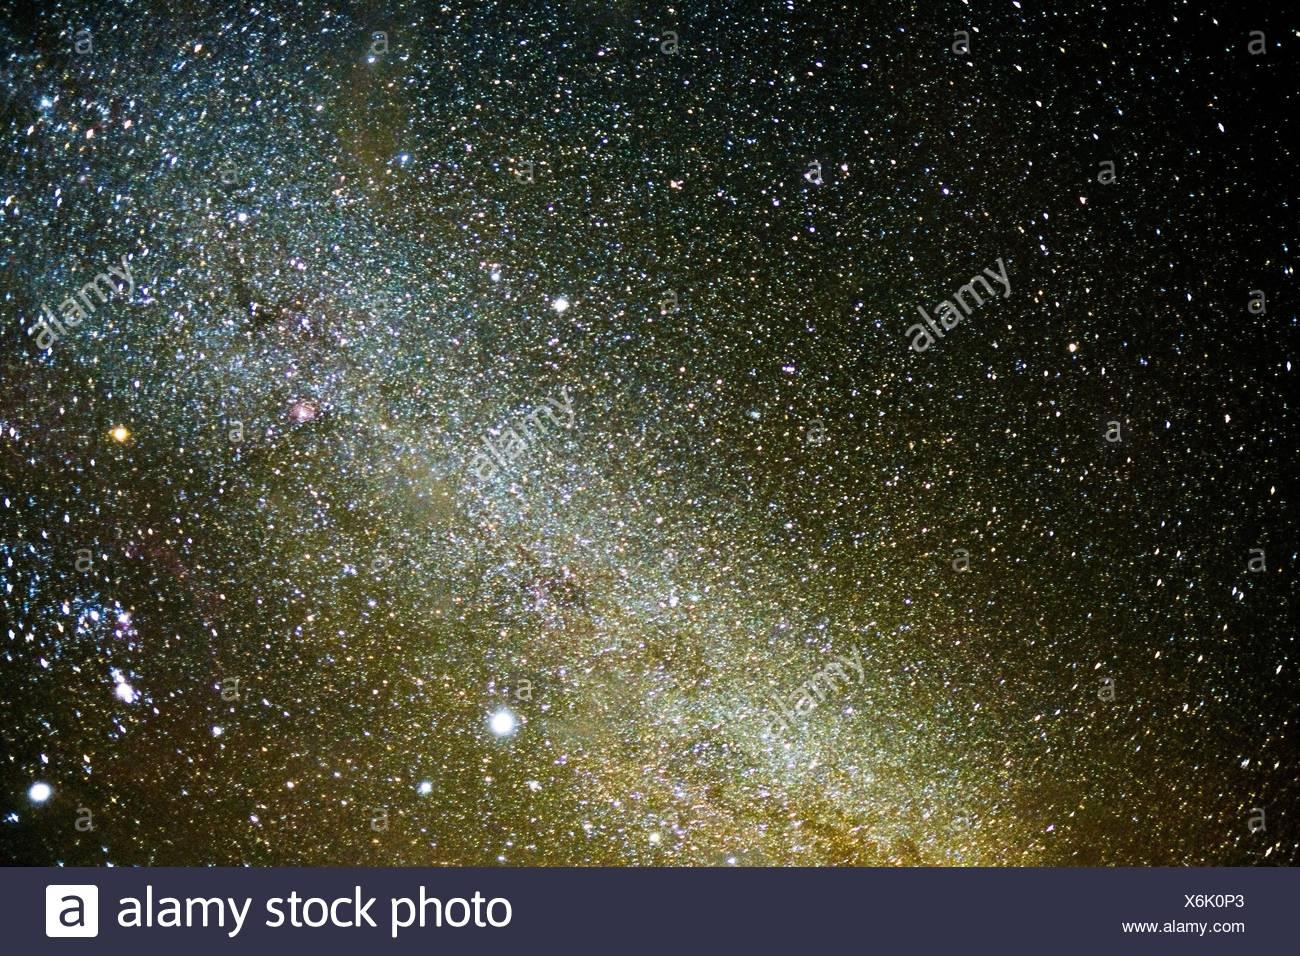 astronomy - Stock Image